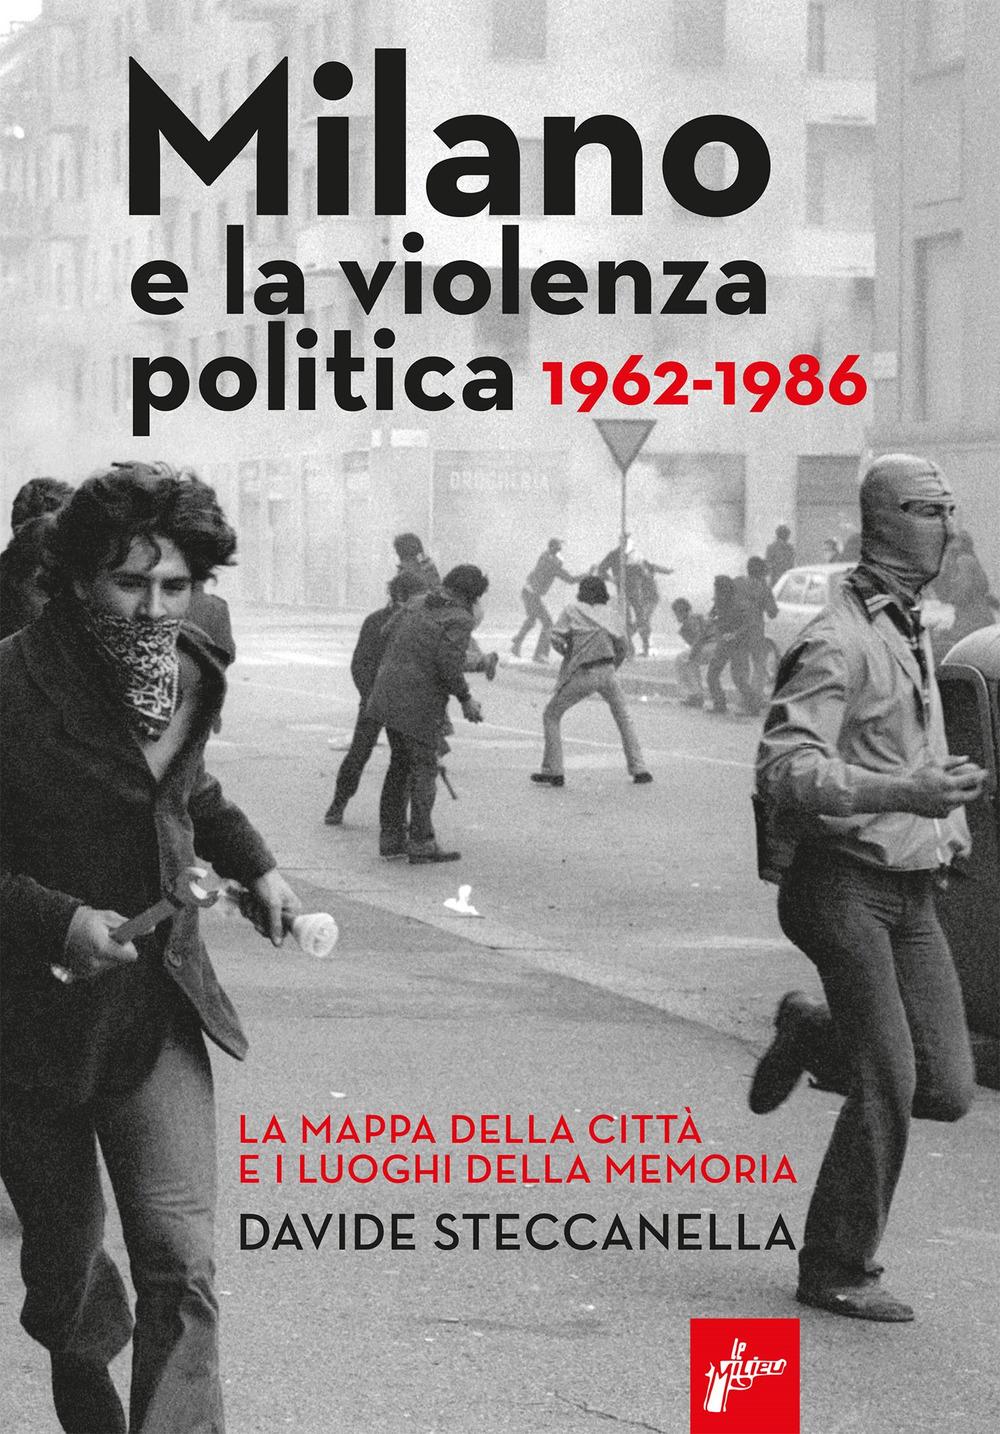 MILANO E LA VIOLENZA POLITICA 1962-1986. LA MAPPA DEI LUOGHI DELLA CITTÀ E I LUOGHI DELLA MEMORIA - Steccanella Davide - 9788831977616